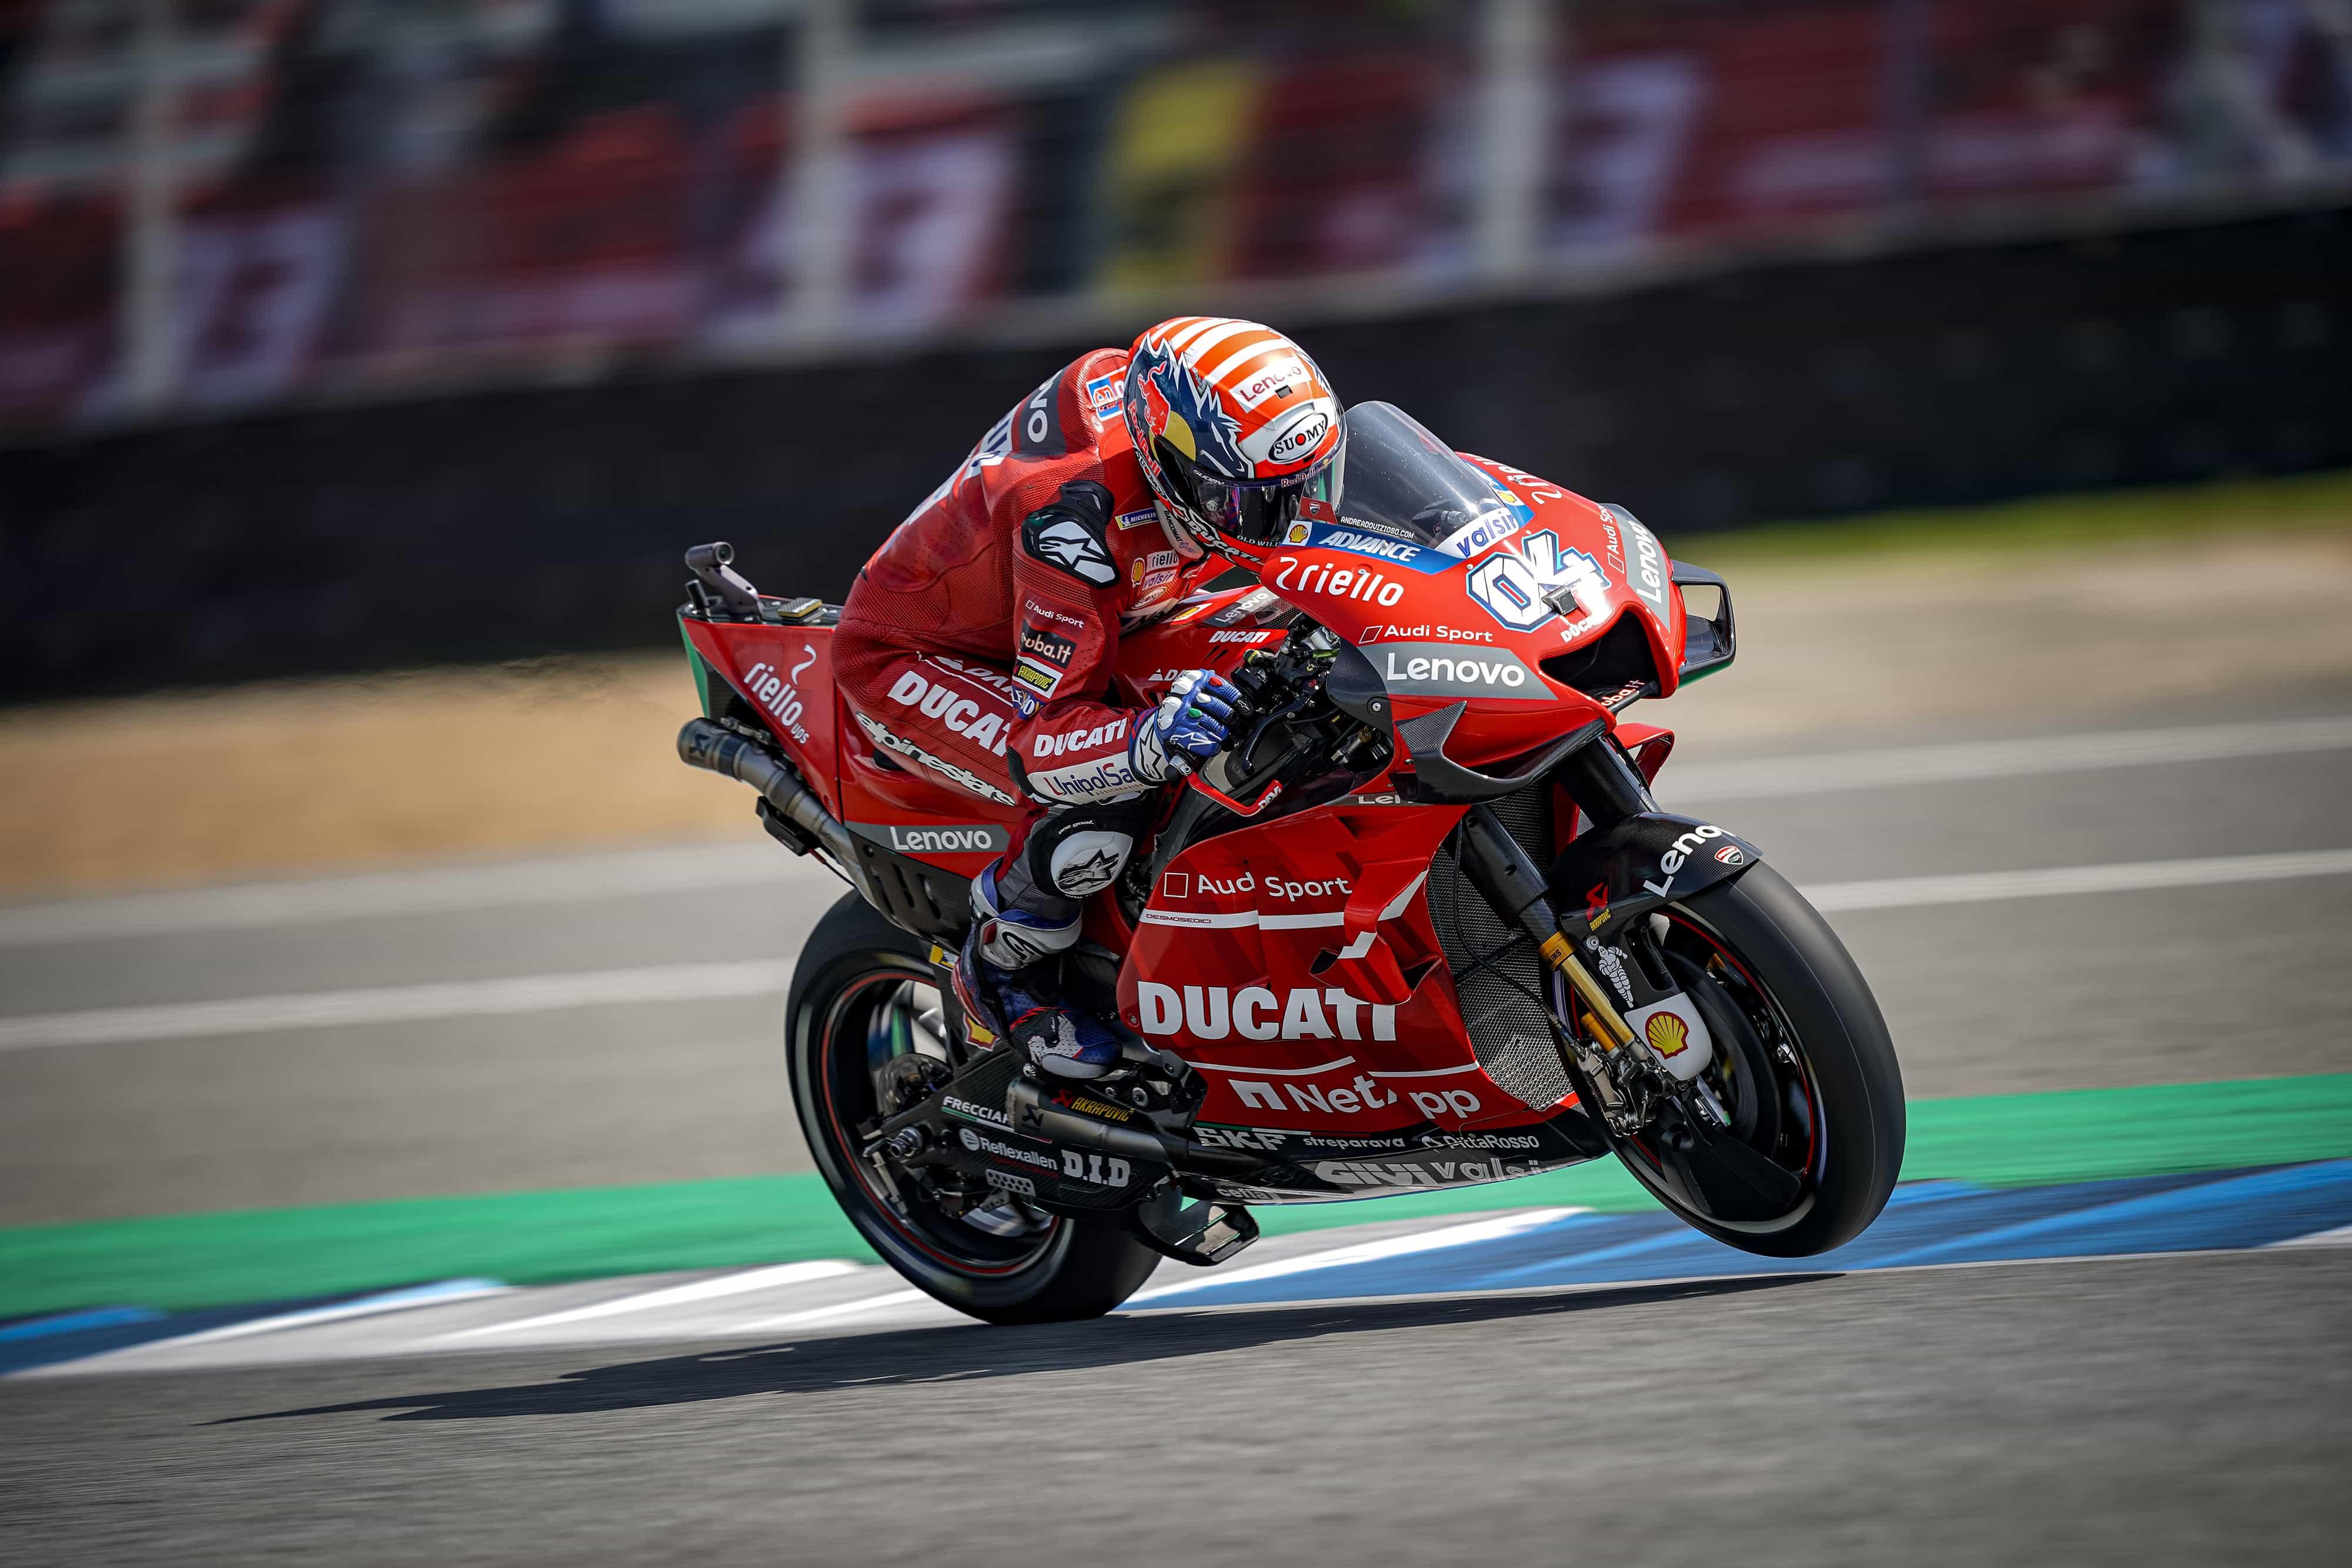 MotoGP2019日本GP ドヴィツィオーゾ「いかなるコンディションでも戦闘力を上げていくことが必要」